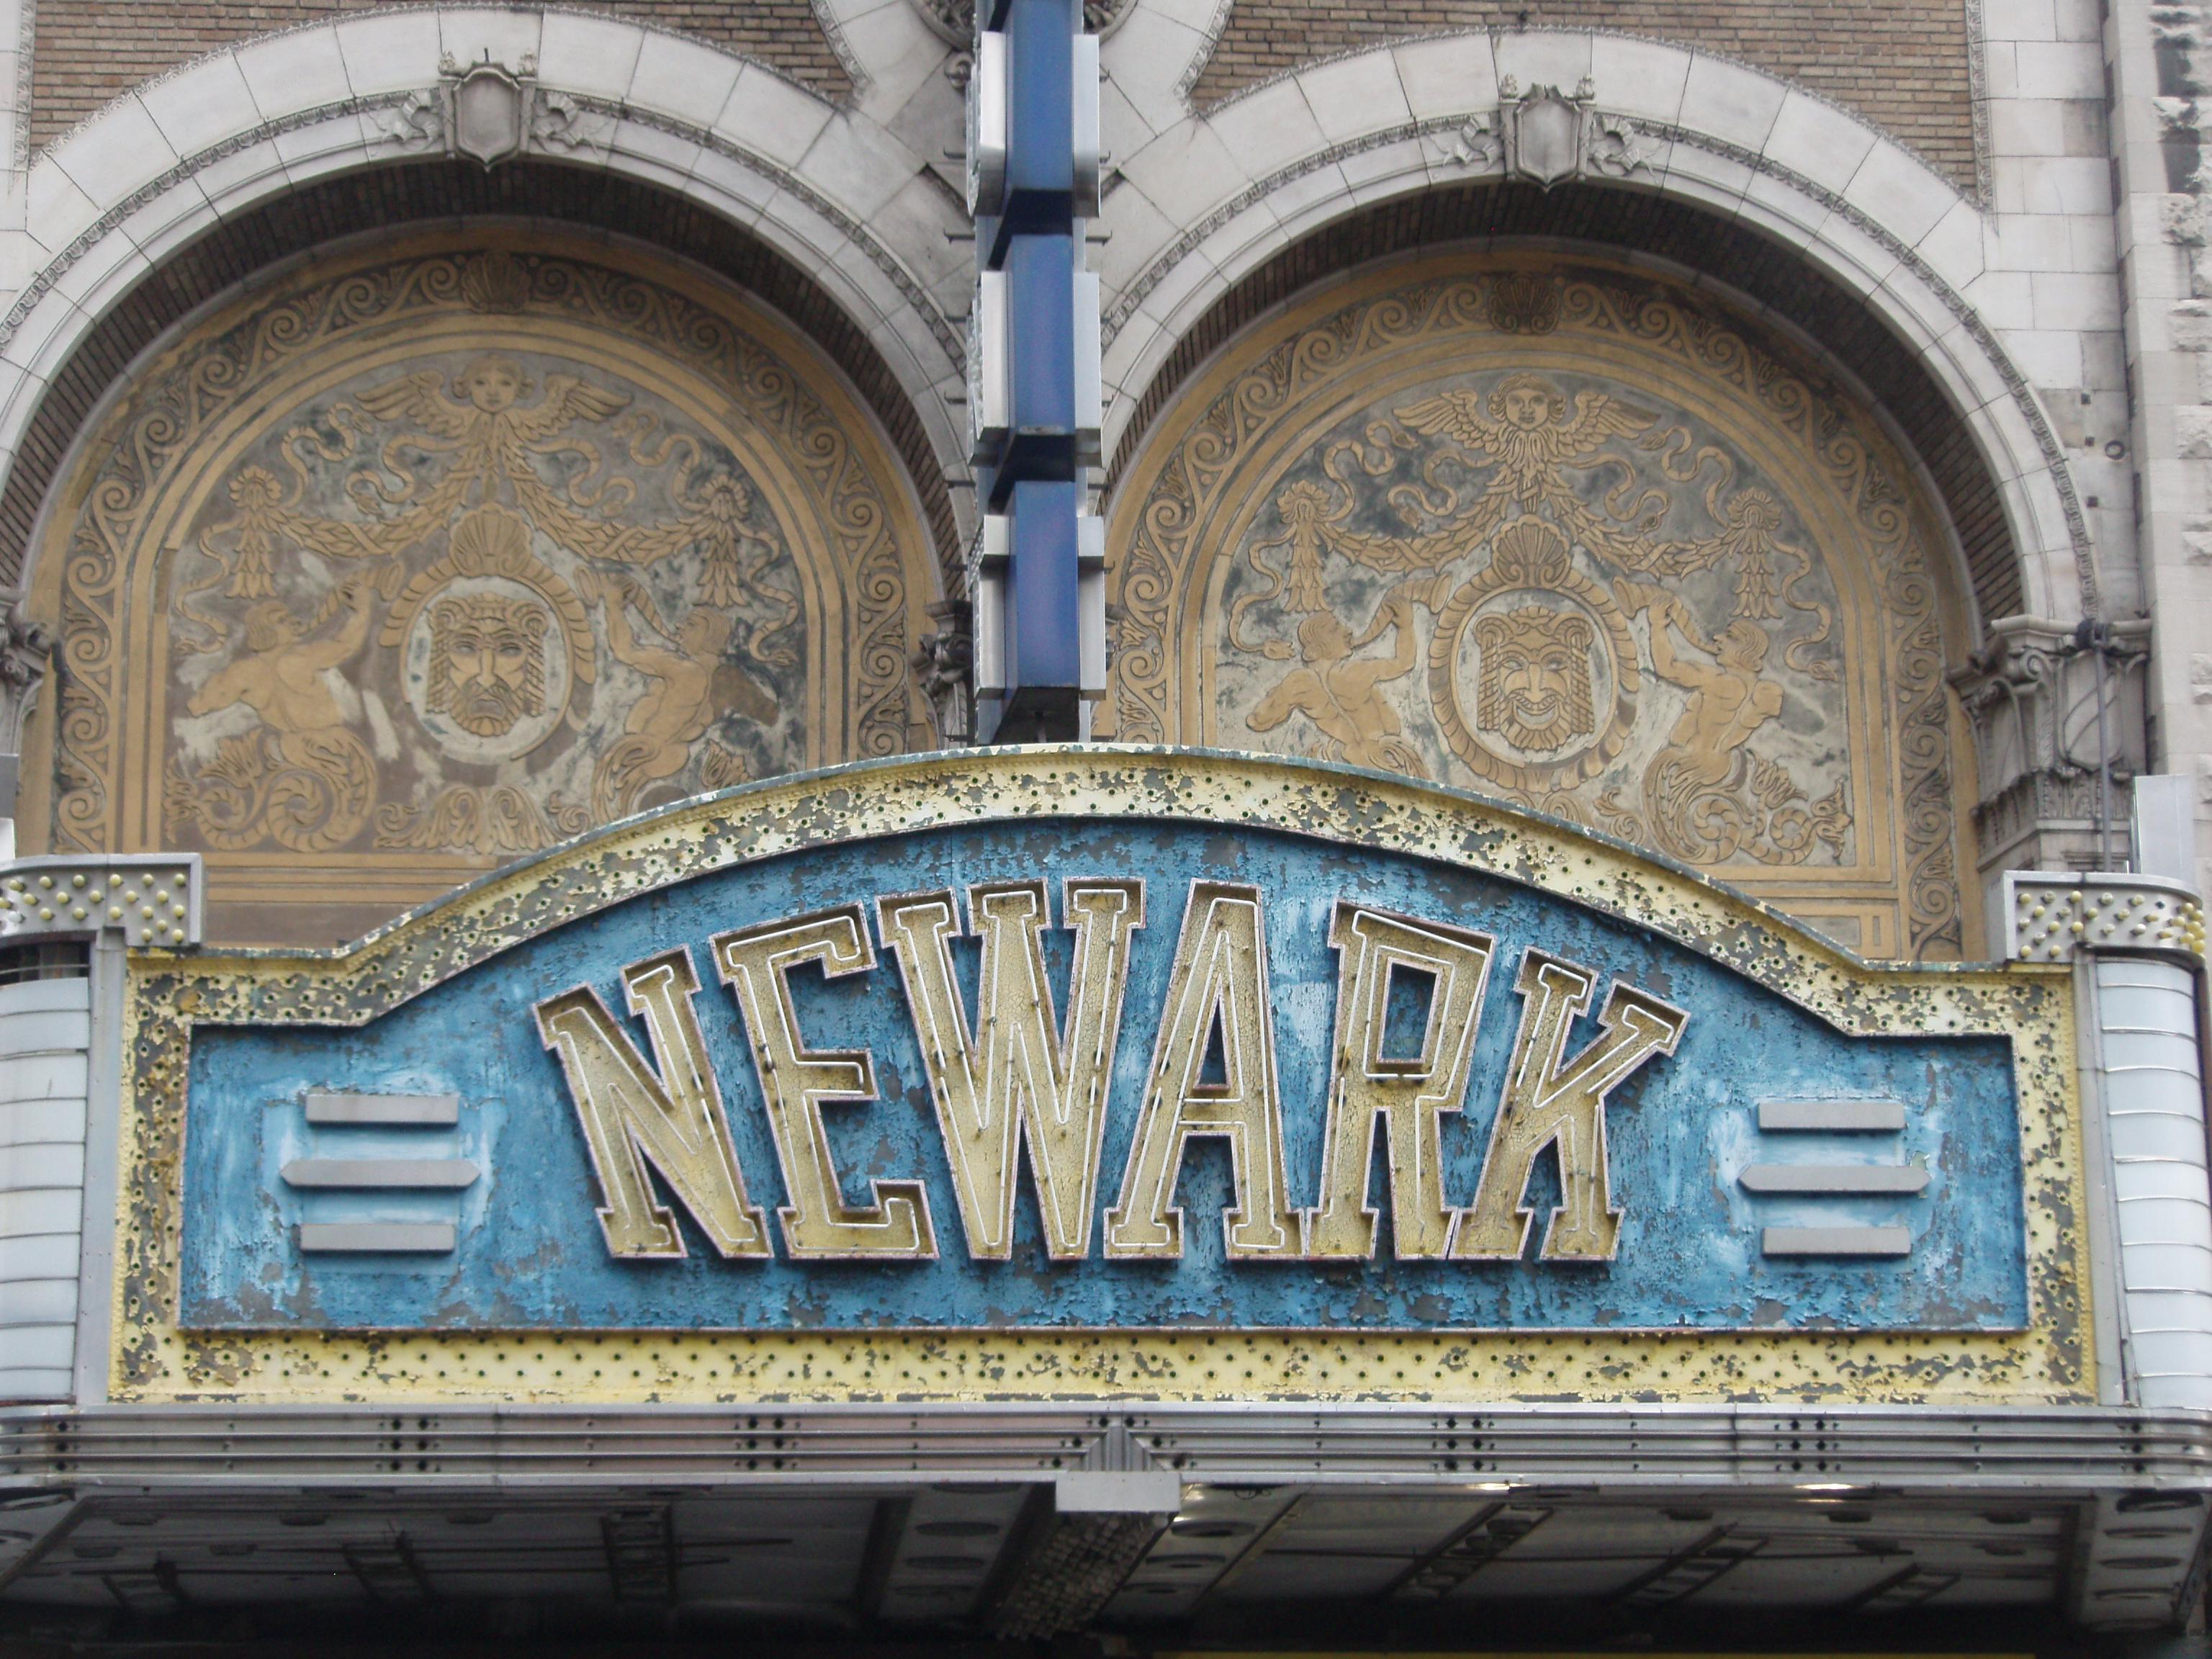 Paramount Theater in Newark, NJ